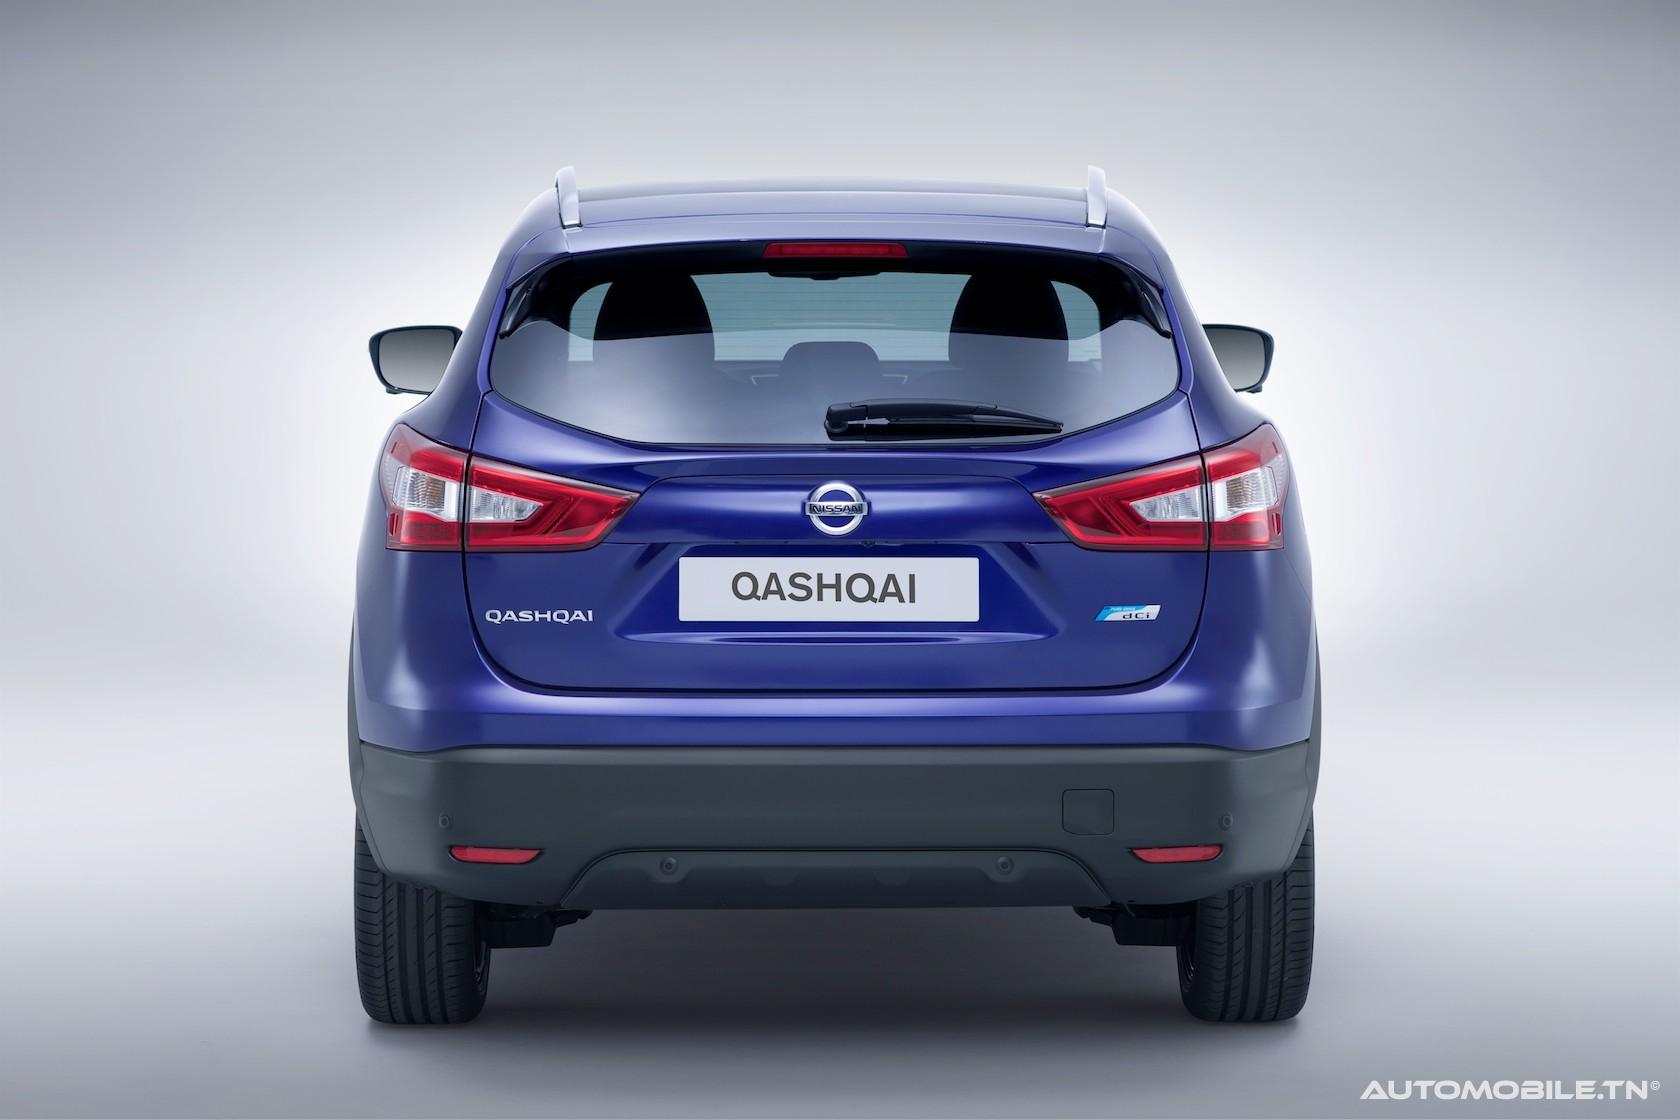 Nouveau Nissan Qashqai 2014